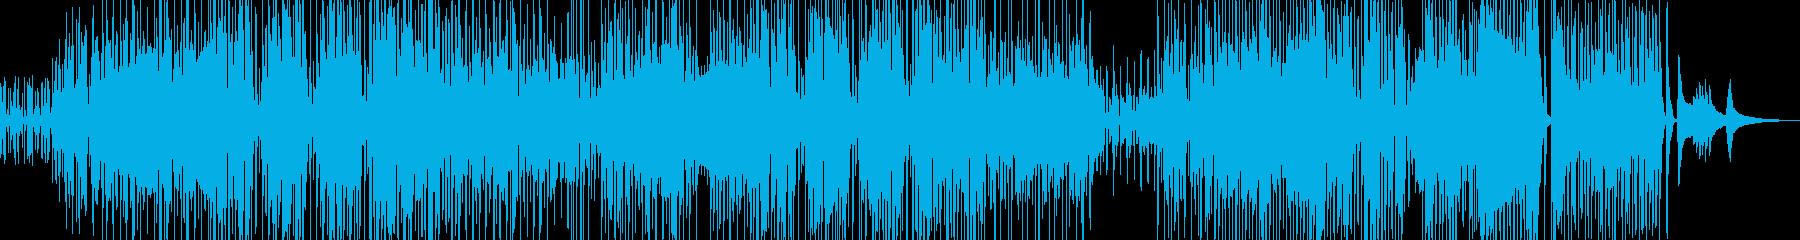 三味線・ユーモラスなジャズの再生済みの波形